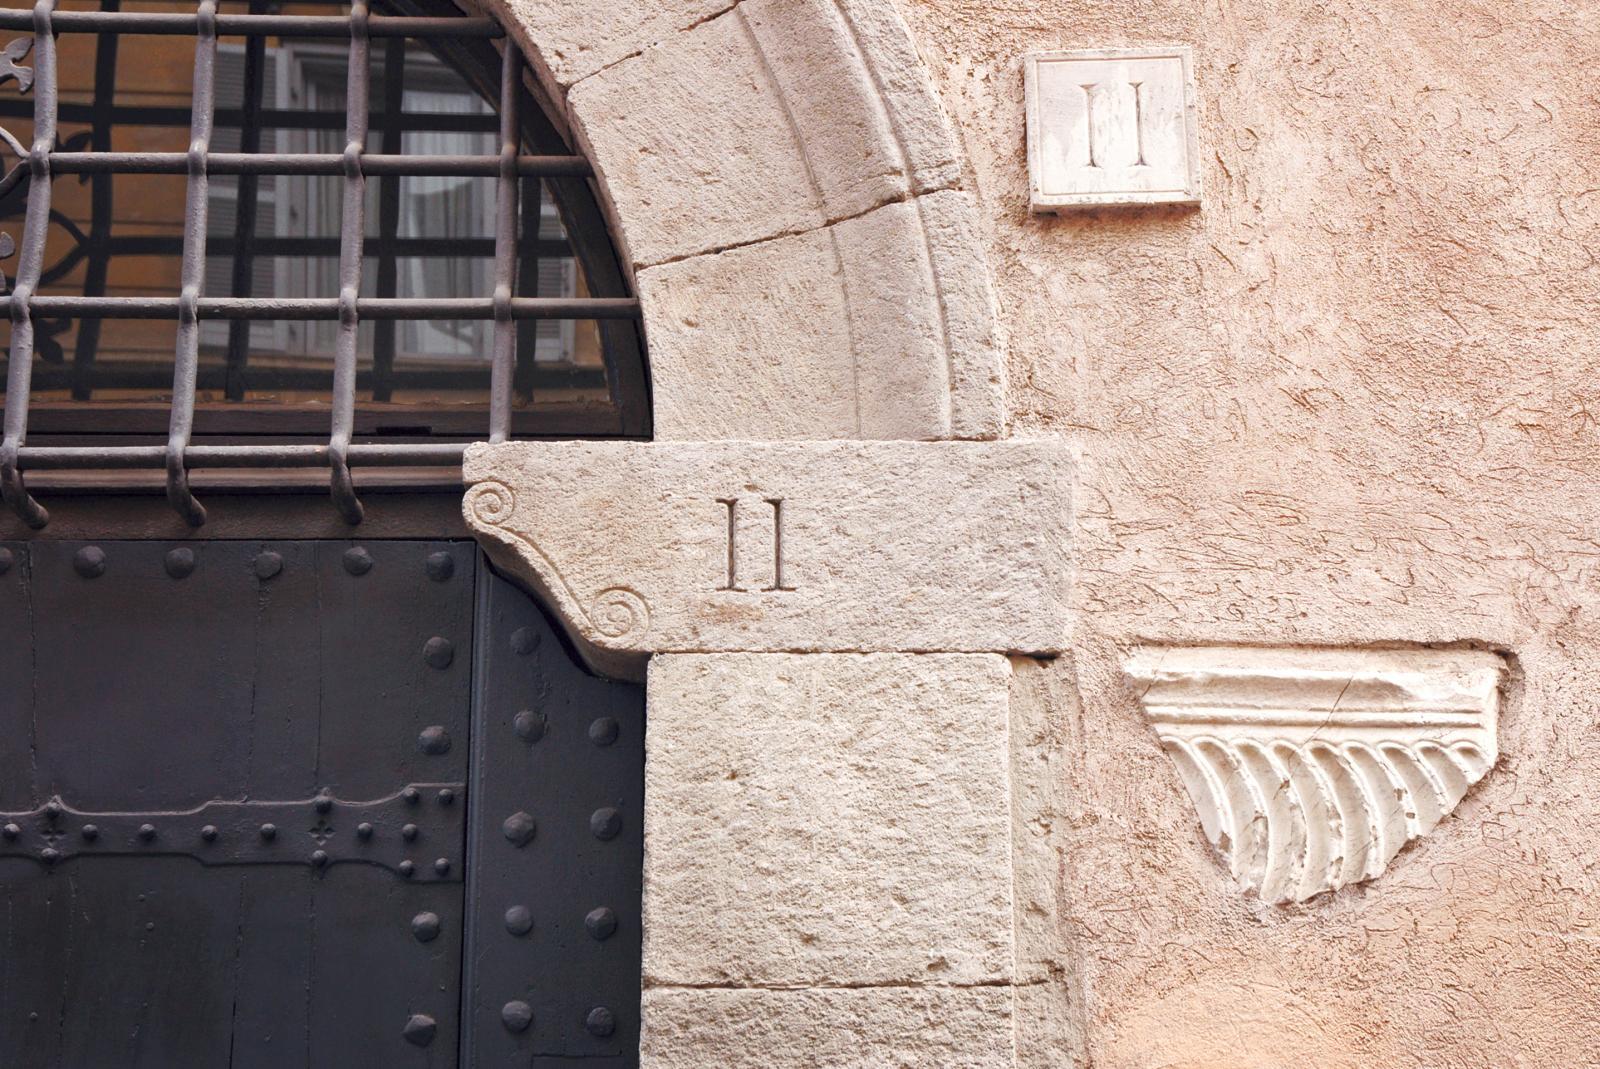 door with number 11